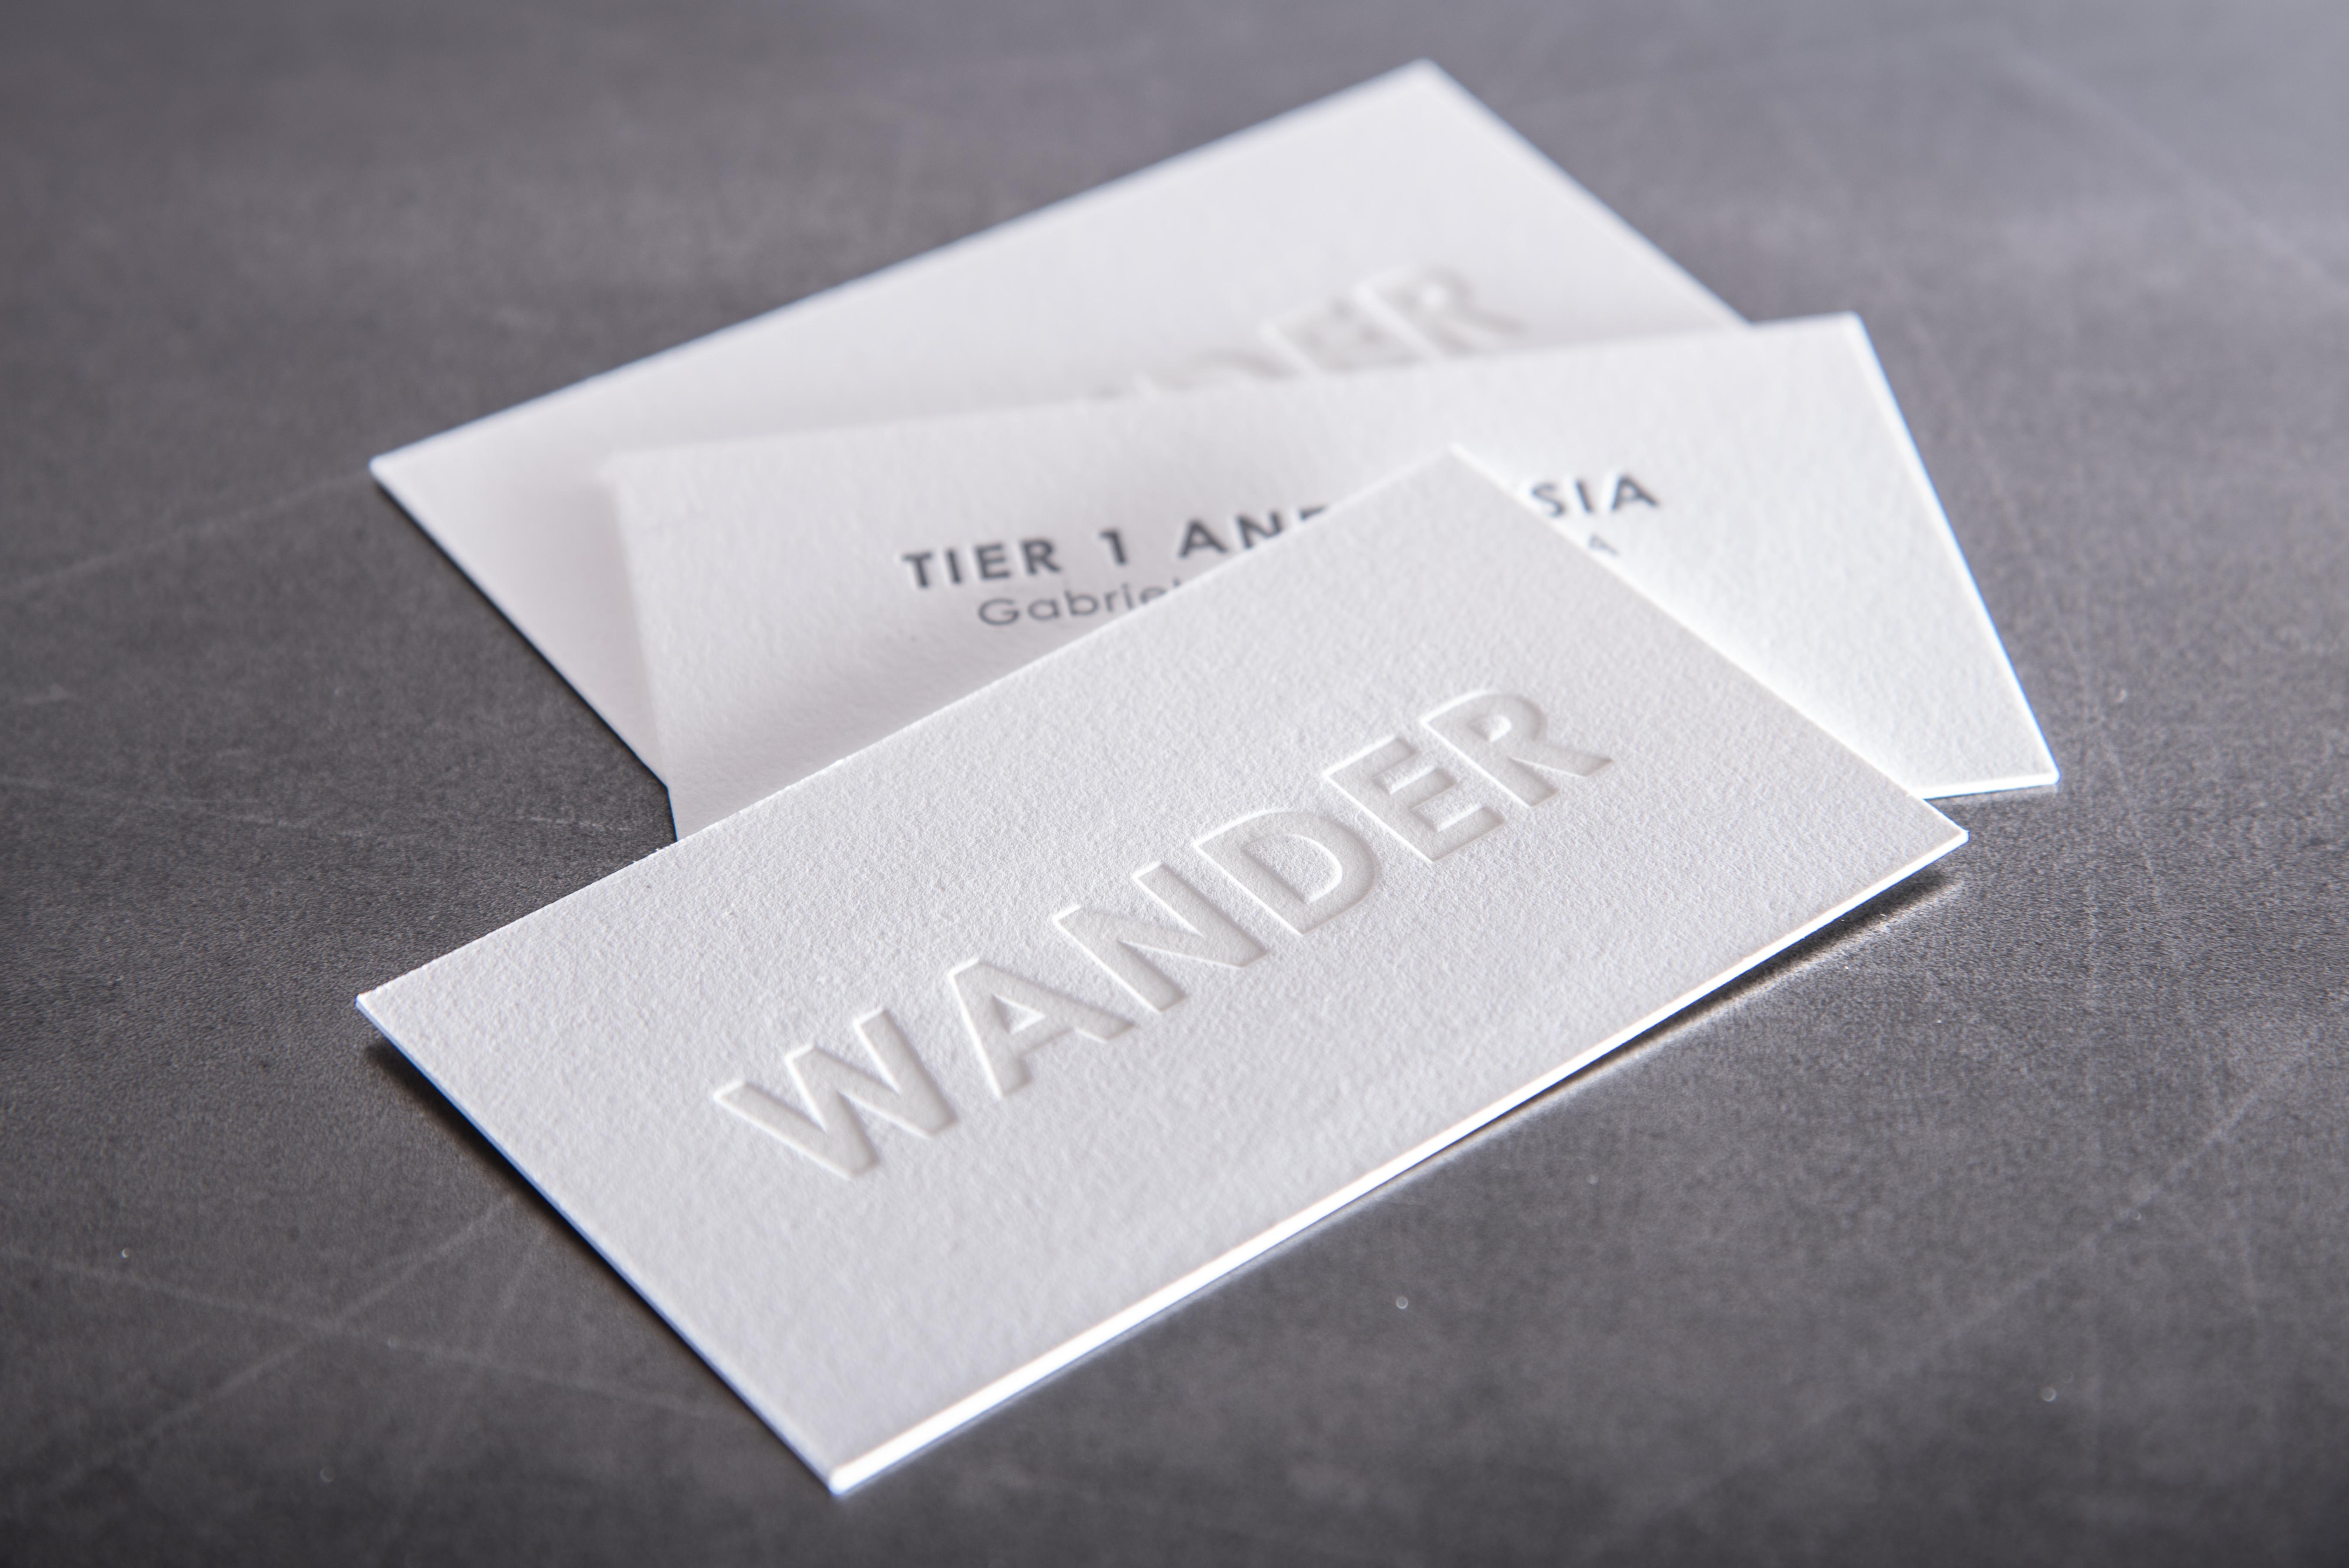 business cards deboss blind impression (1 of 1)